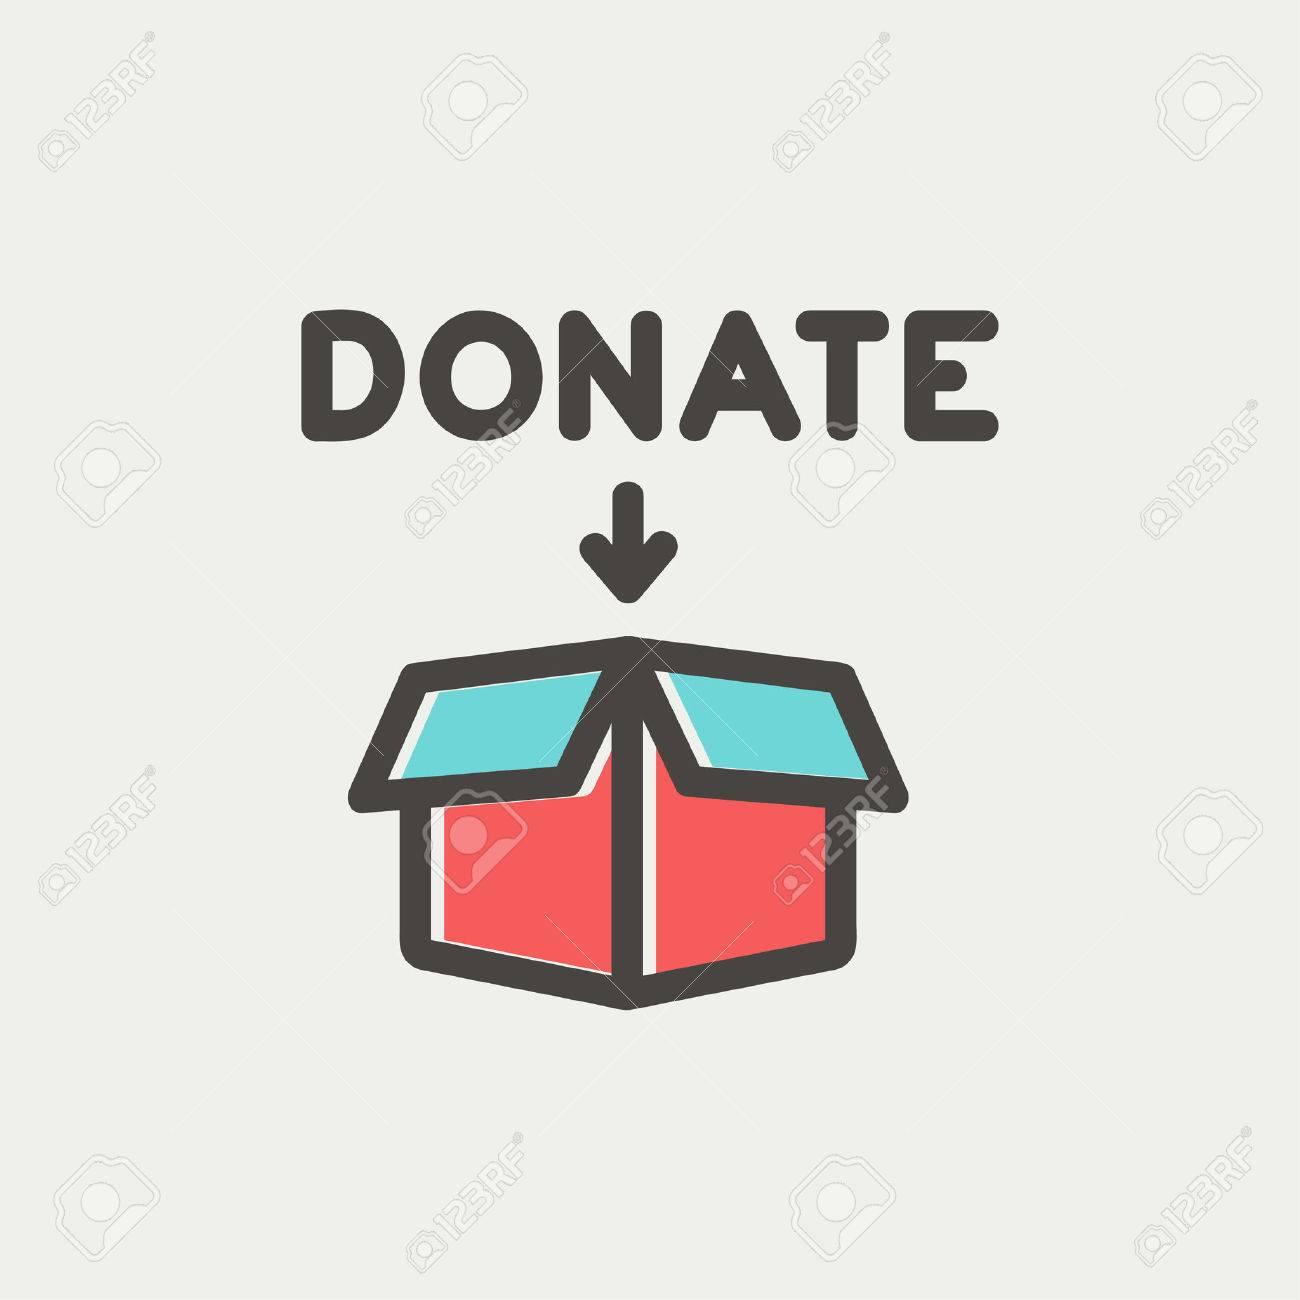 Donation icône de boîte fine ligne pour le web et mobile, design plat moderne et minimaliste. Vector icône avec un contour gris foncé et offset couleur sur fond gris clair. Banque d'images - 40447227